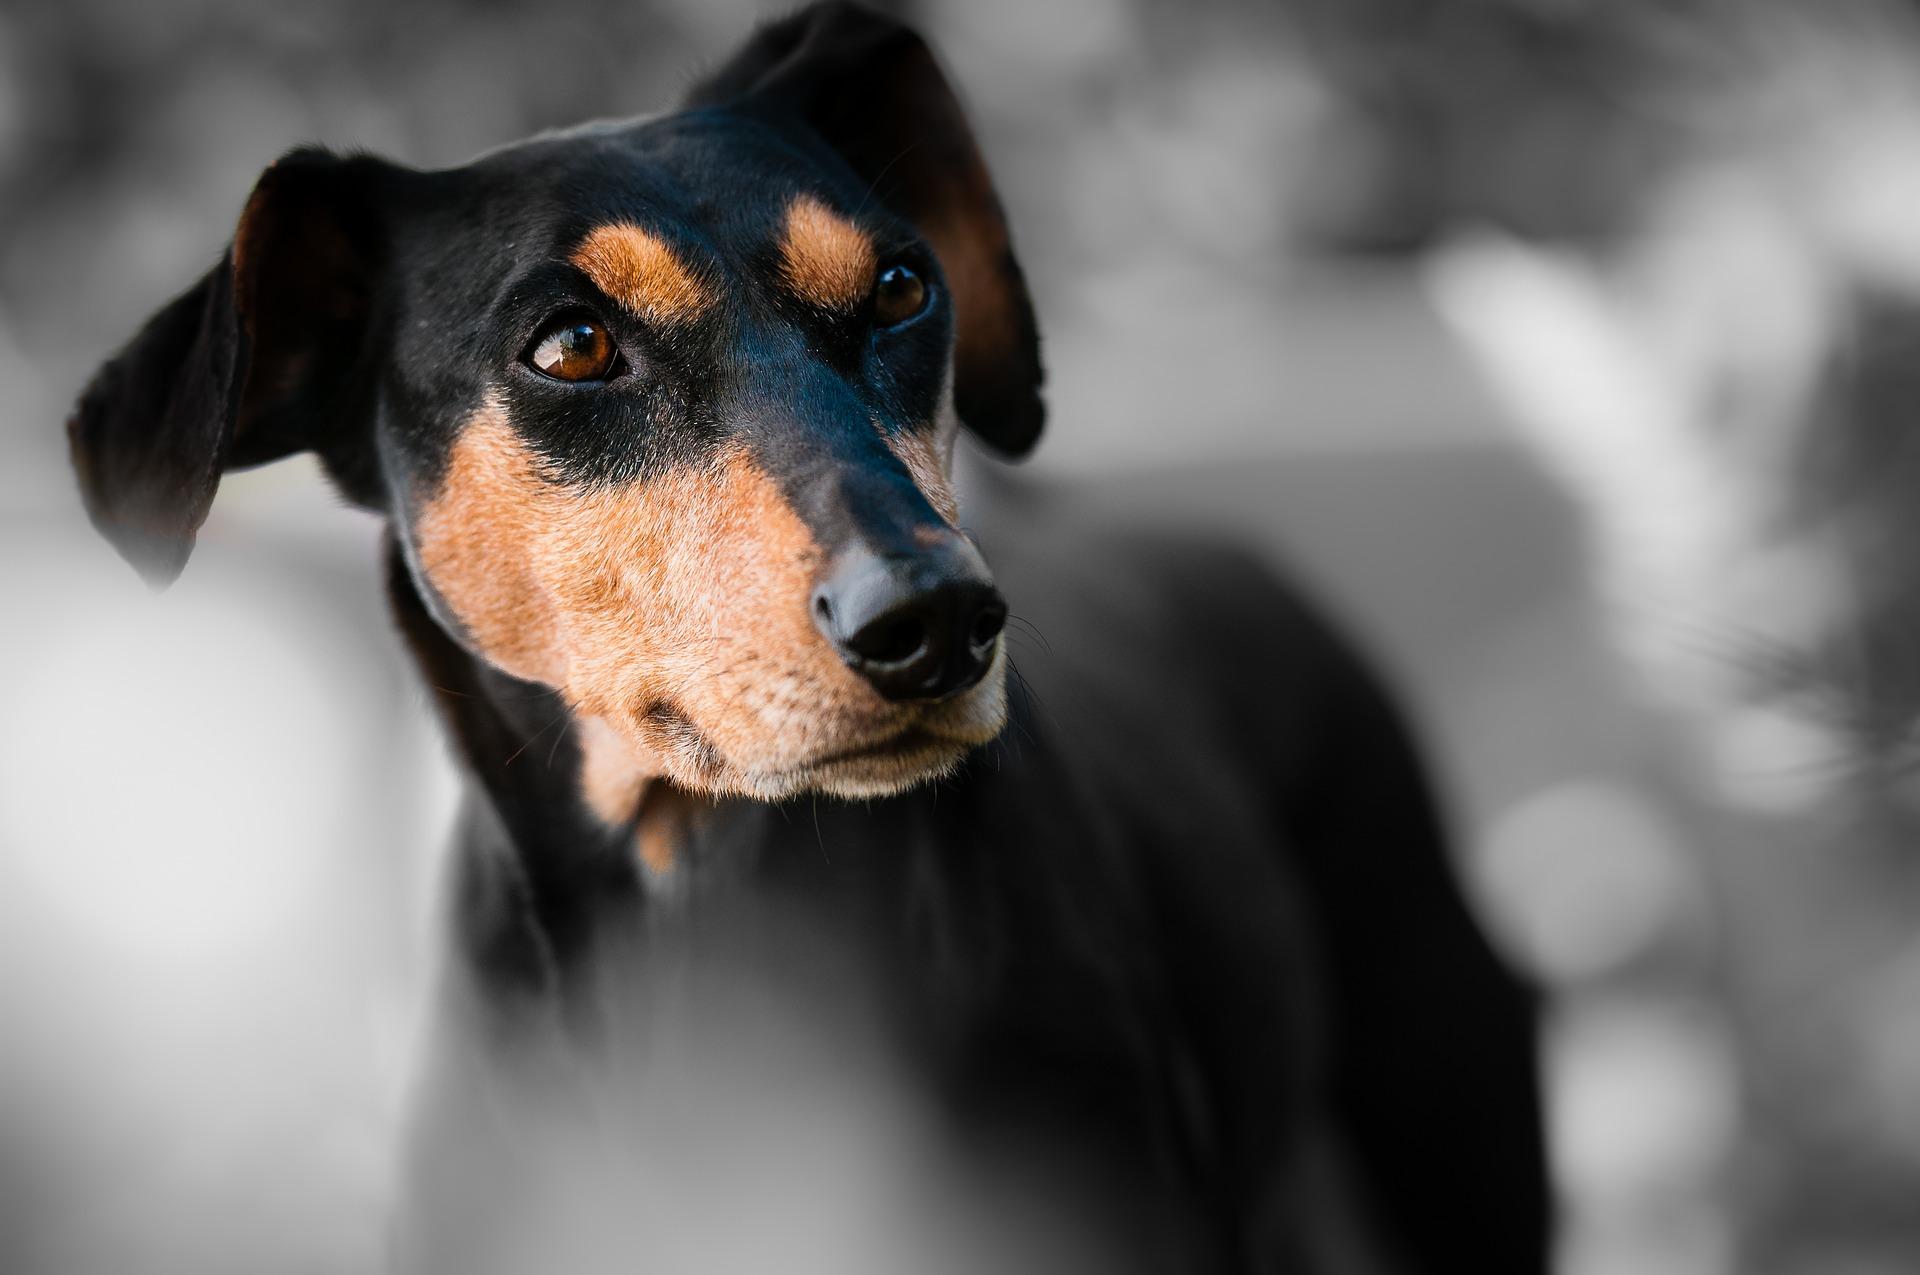 Animaux ferme chien